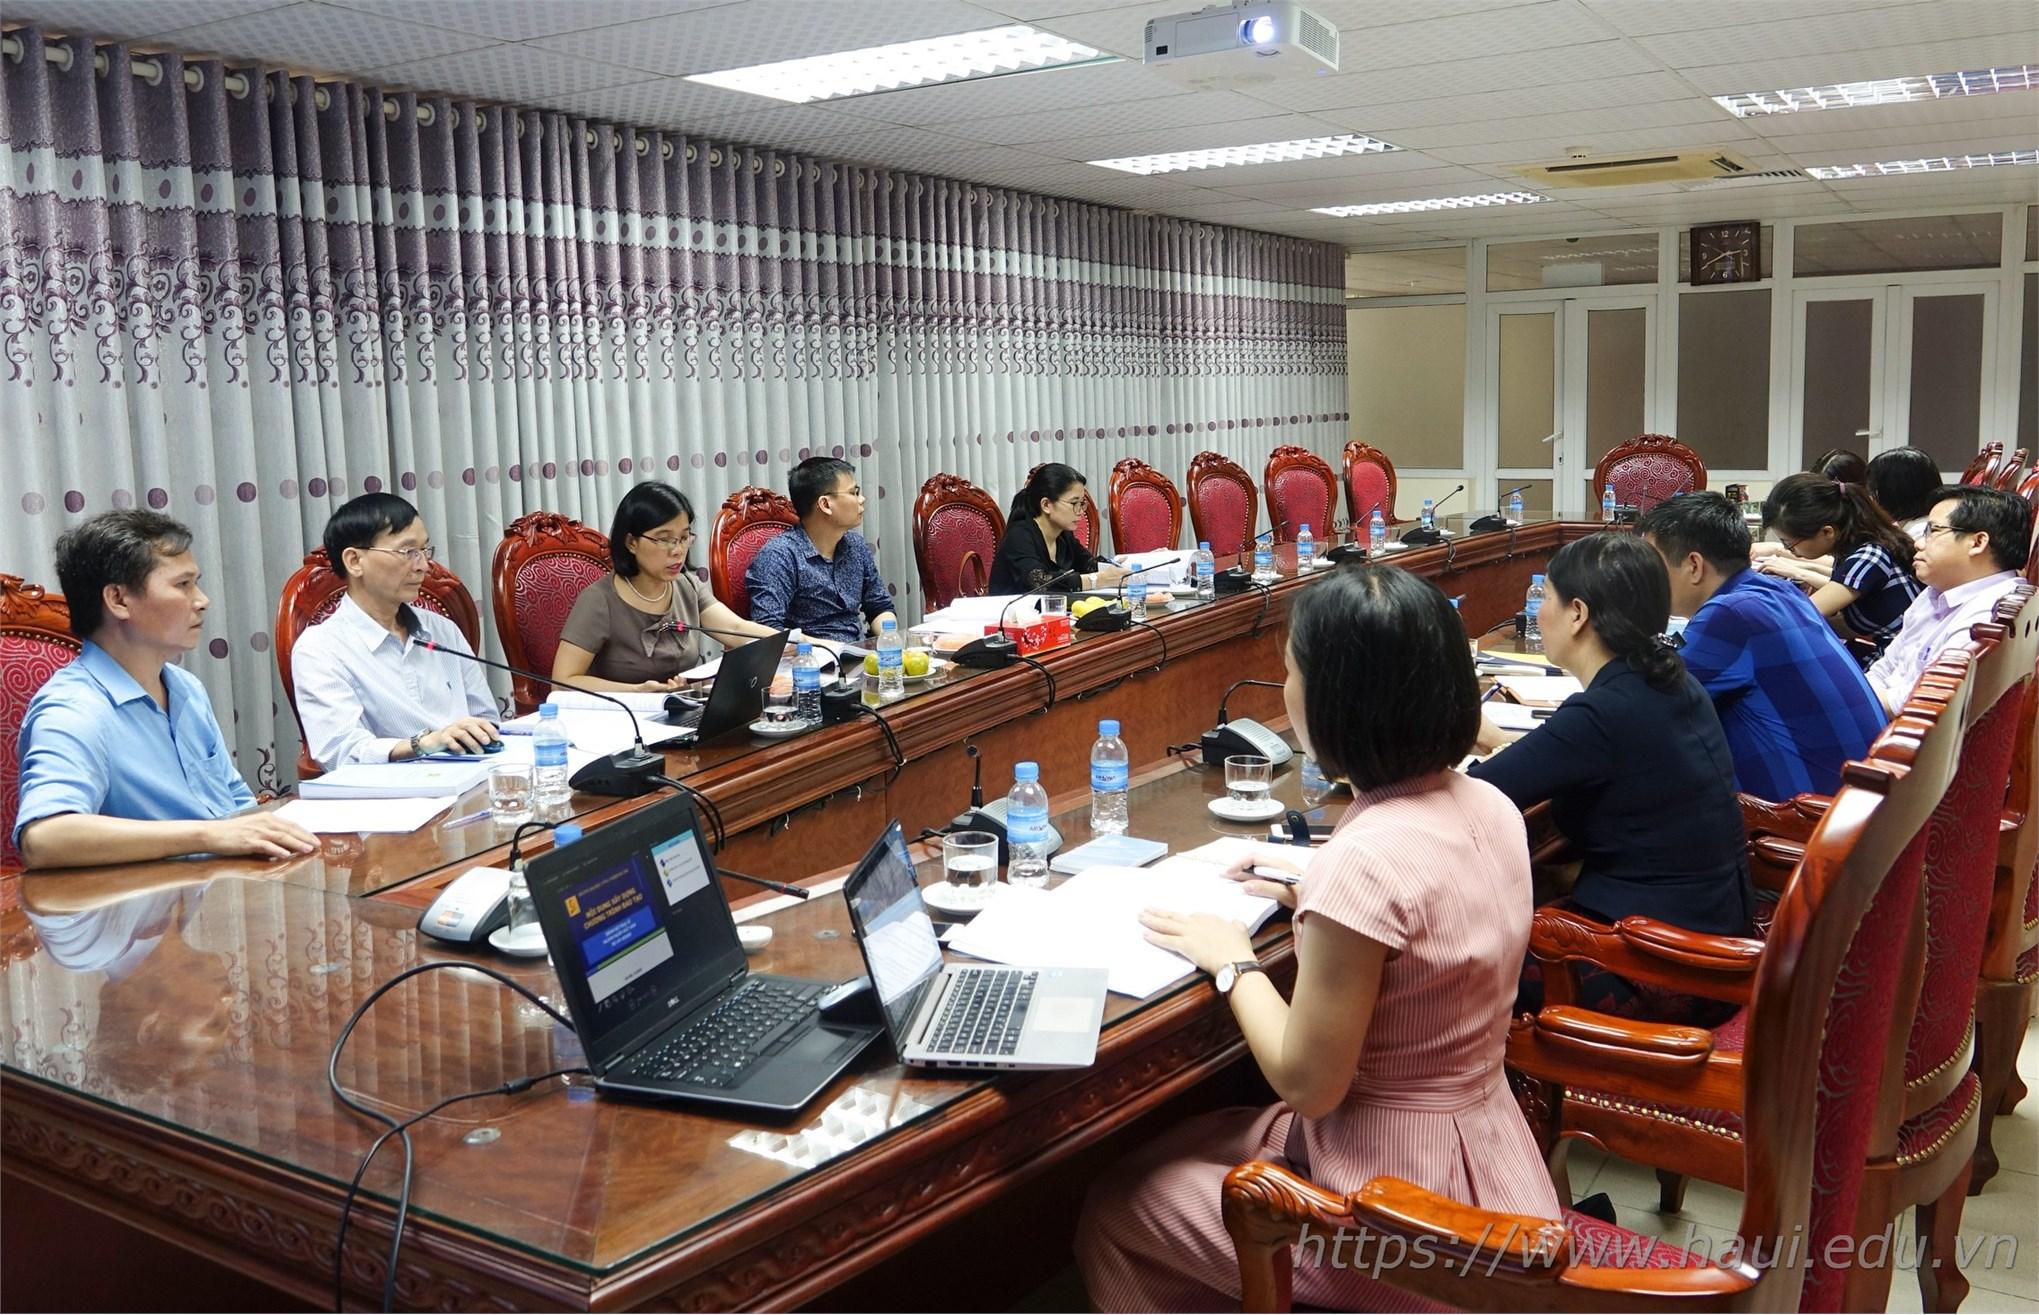 Thẩm định chương trình đào tạo thạc sĩ, mở ngành Ngôn ngữ Anh